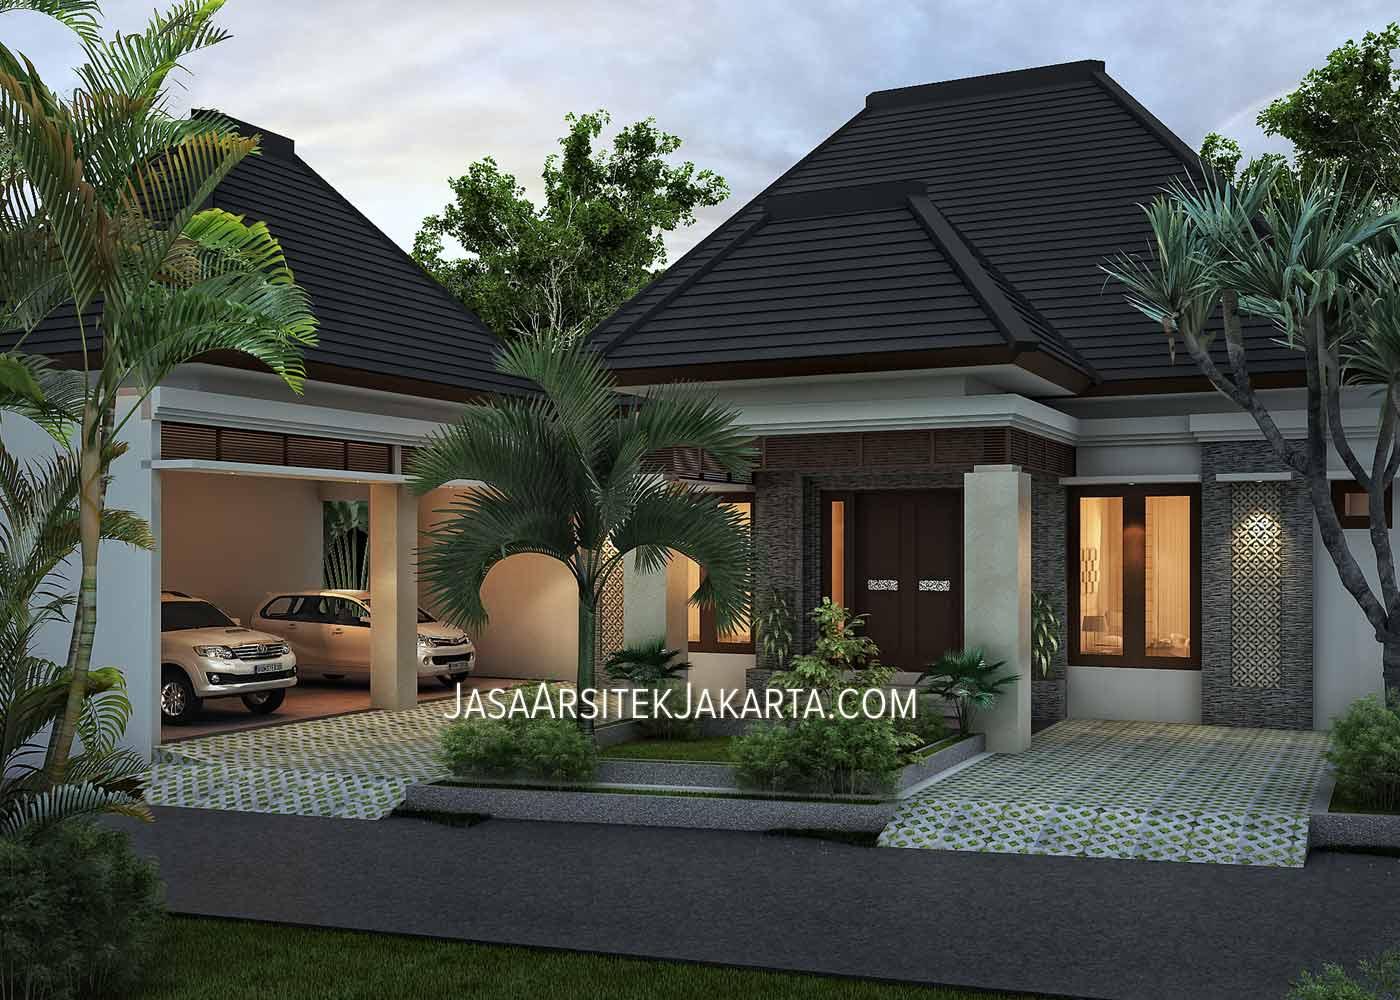 8200 Desain Rumah 2 Lantai Halaman Luas HD